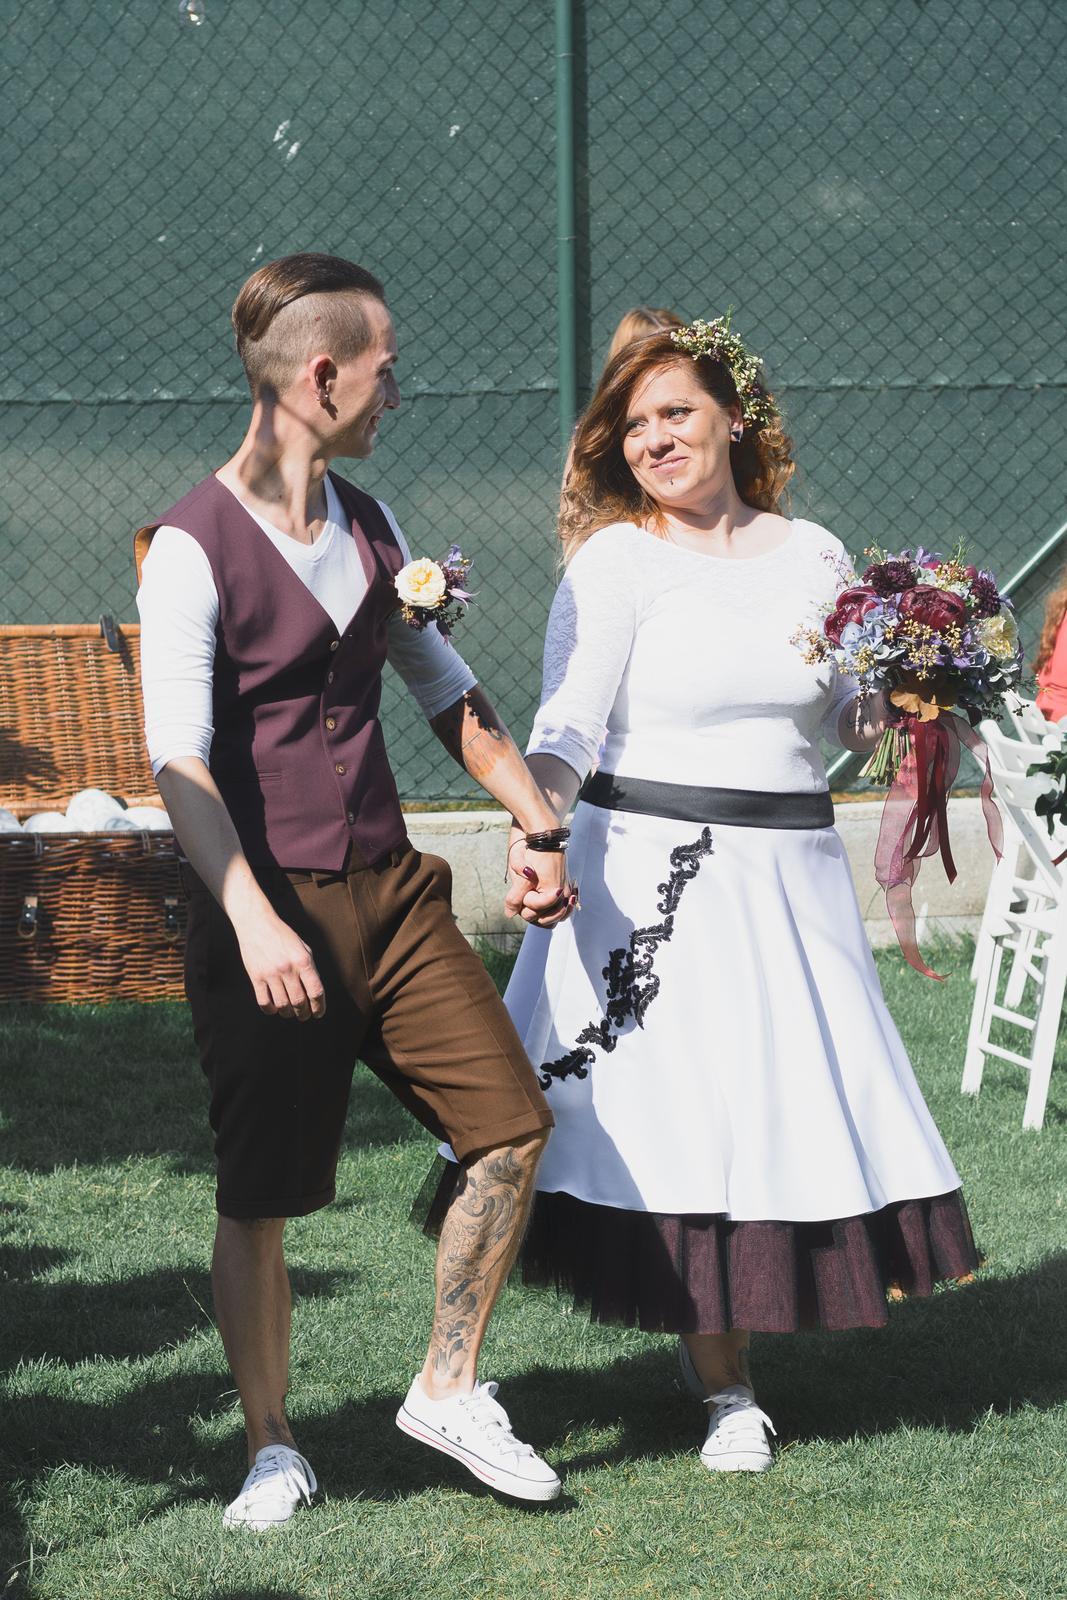 Kreatívny ženích značky Peter & Lucia - Lukáš a jeho hnedé kraťase, bordová vesta a biele tričko 👌